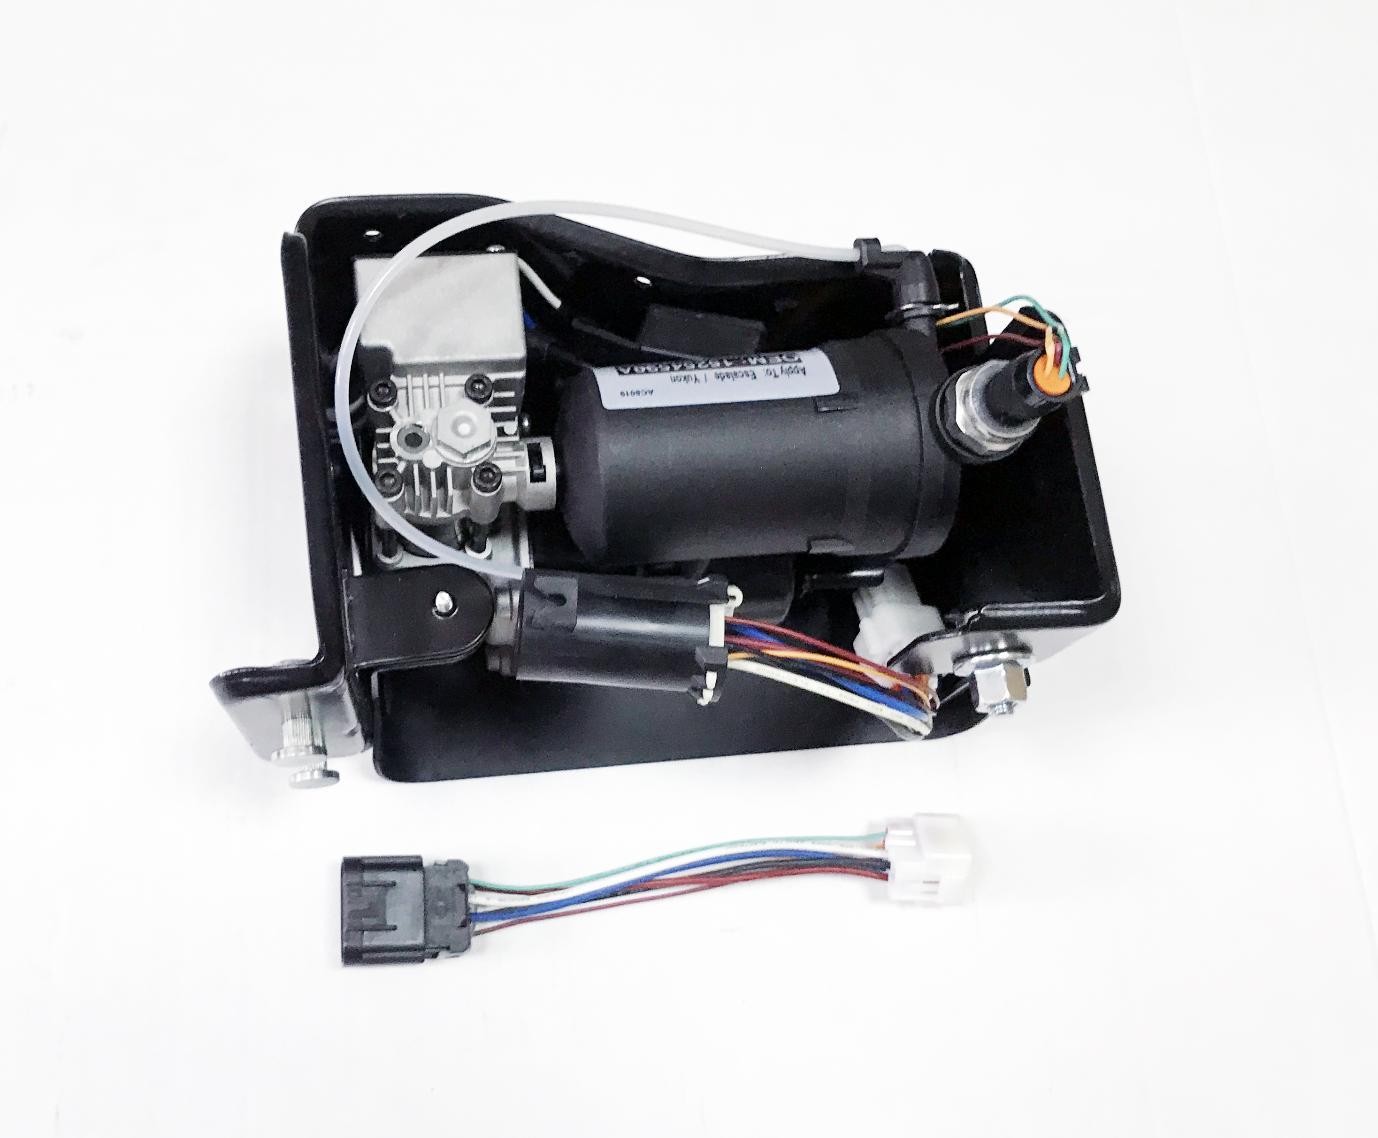 картинка Новый компрессор пневмоподвески AirBagit для Cadillac Escalade и Chevrolet Tahoe (15254590, 20930288, 22941806) от магазина пневмоподвески ПневмоМаркет